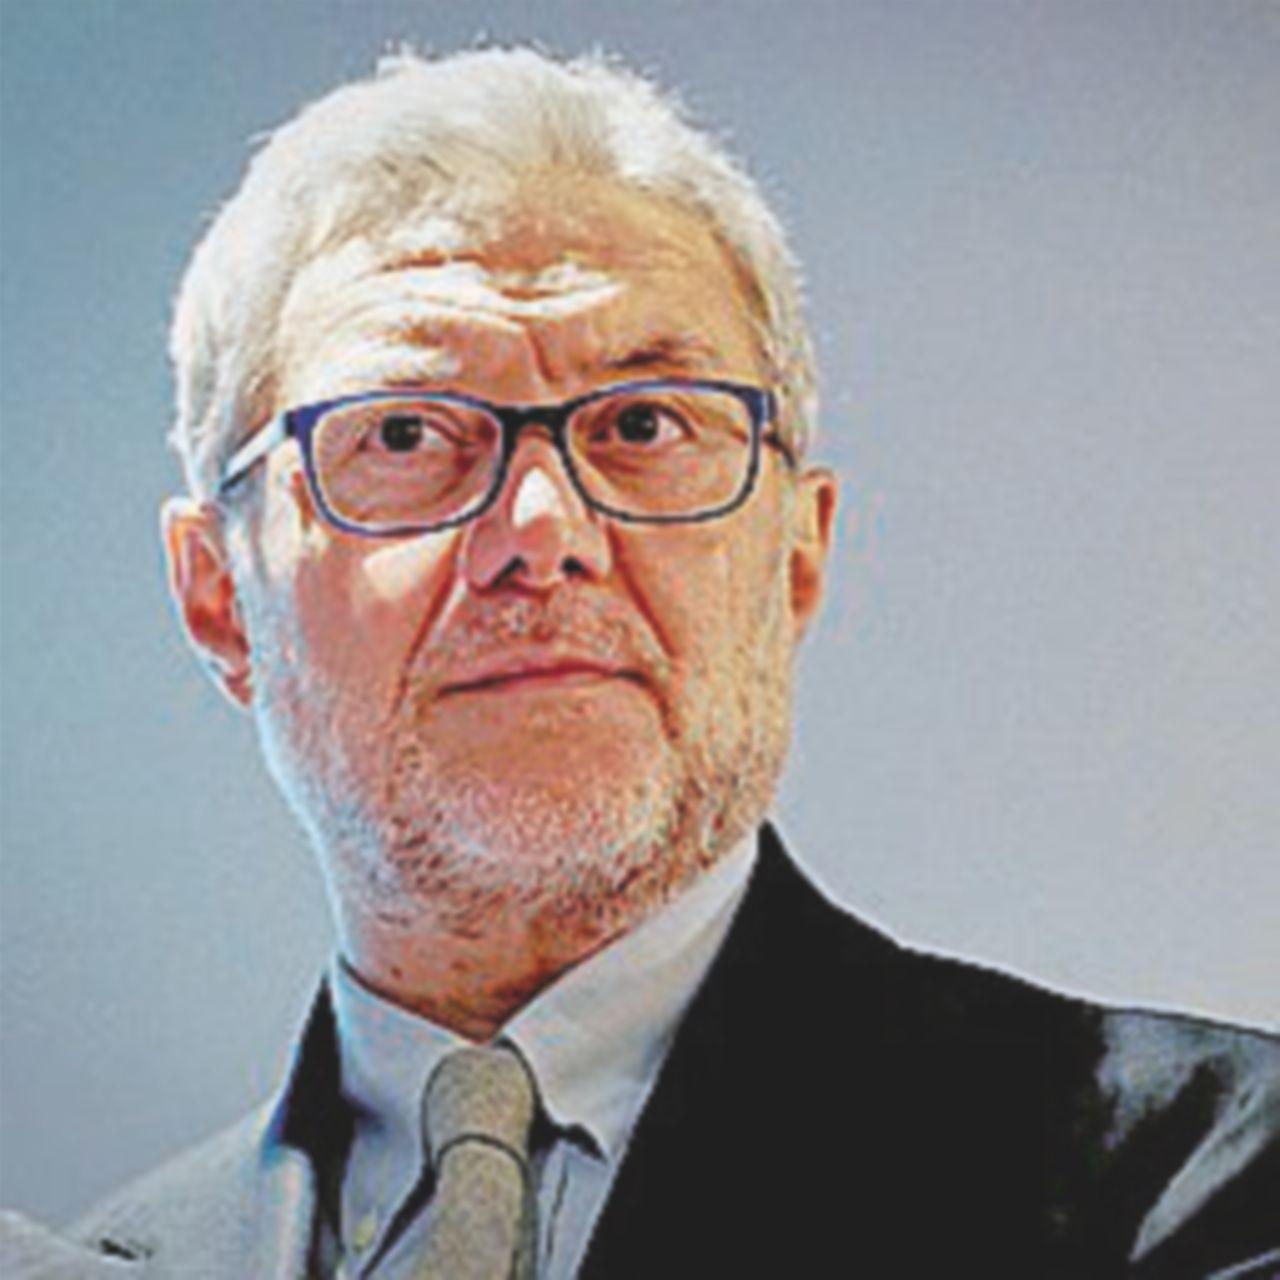 Orlando spinge con discrezione per il suo Melillo capo a Milano